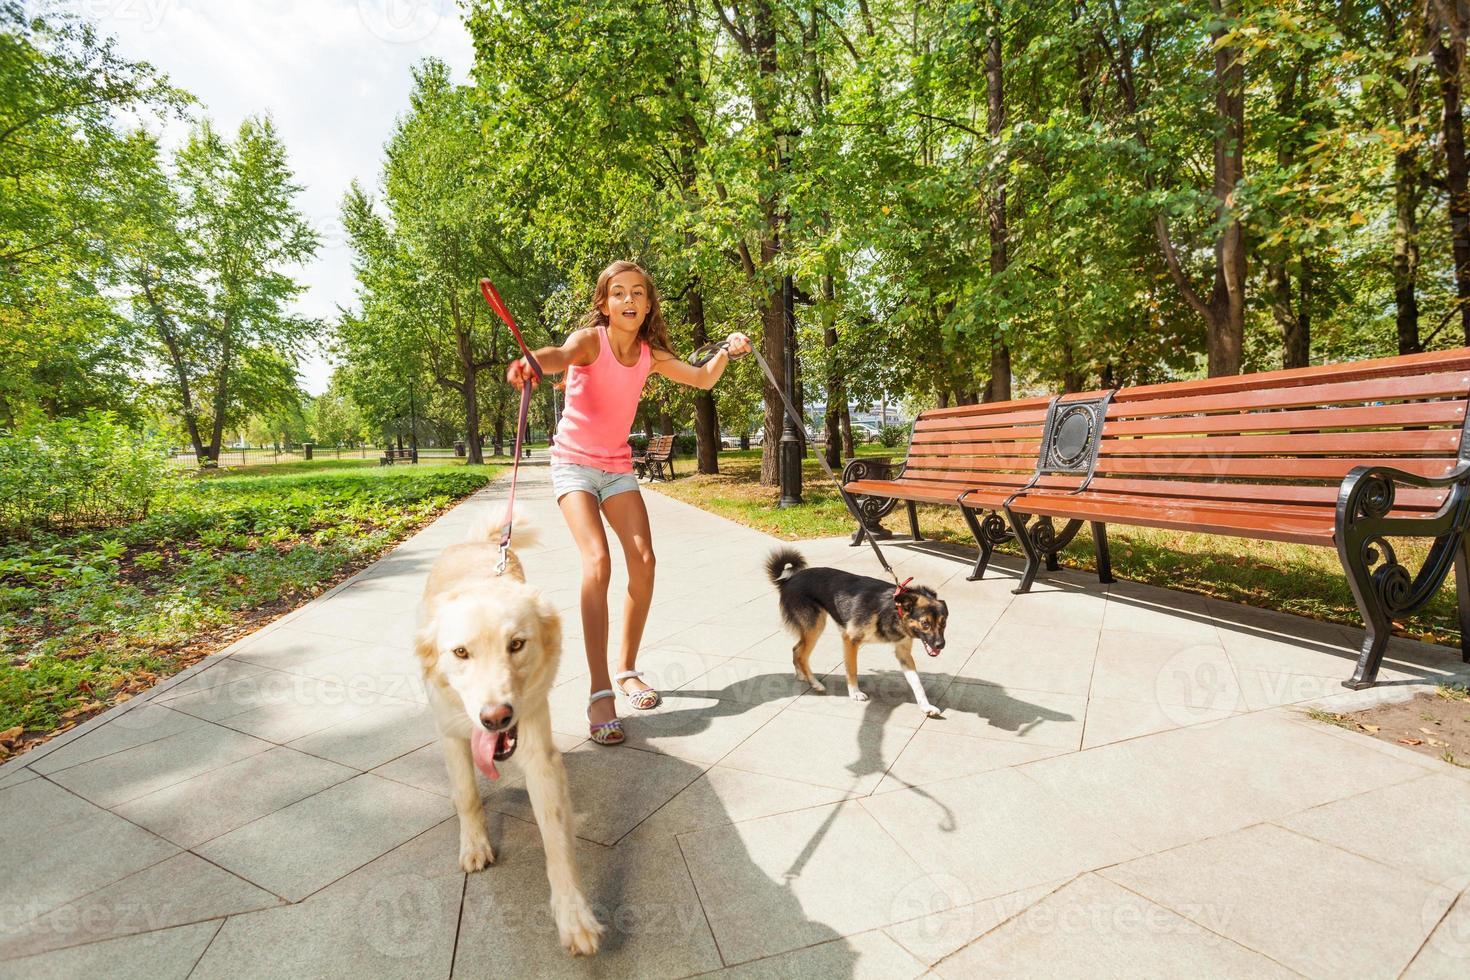 ragazza adolescente con scappando cani foto